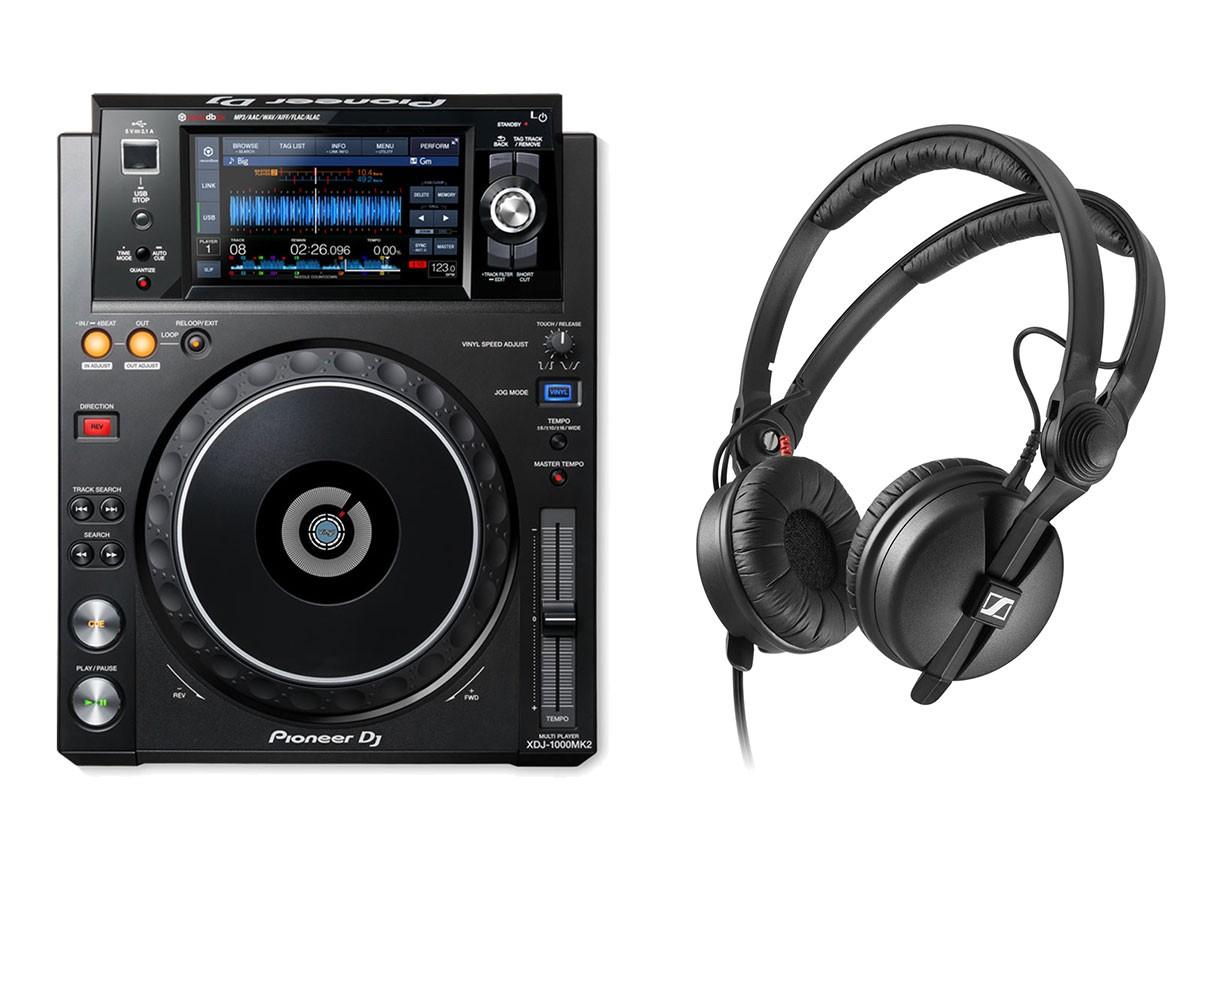 Pioneer XDJ-1000MK2 + Sennheiser Headphones